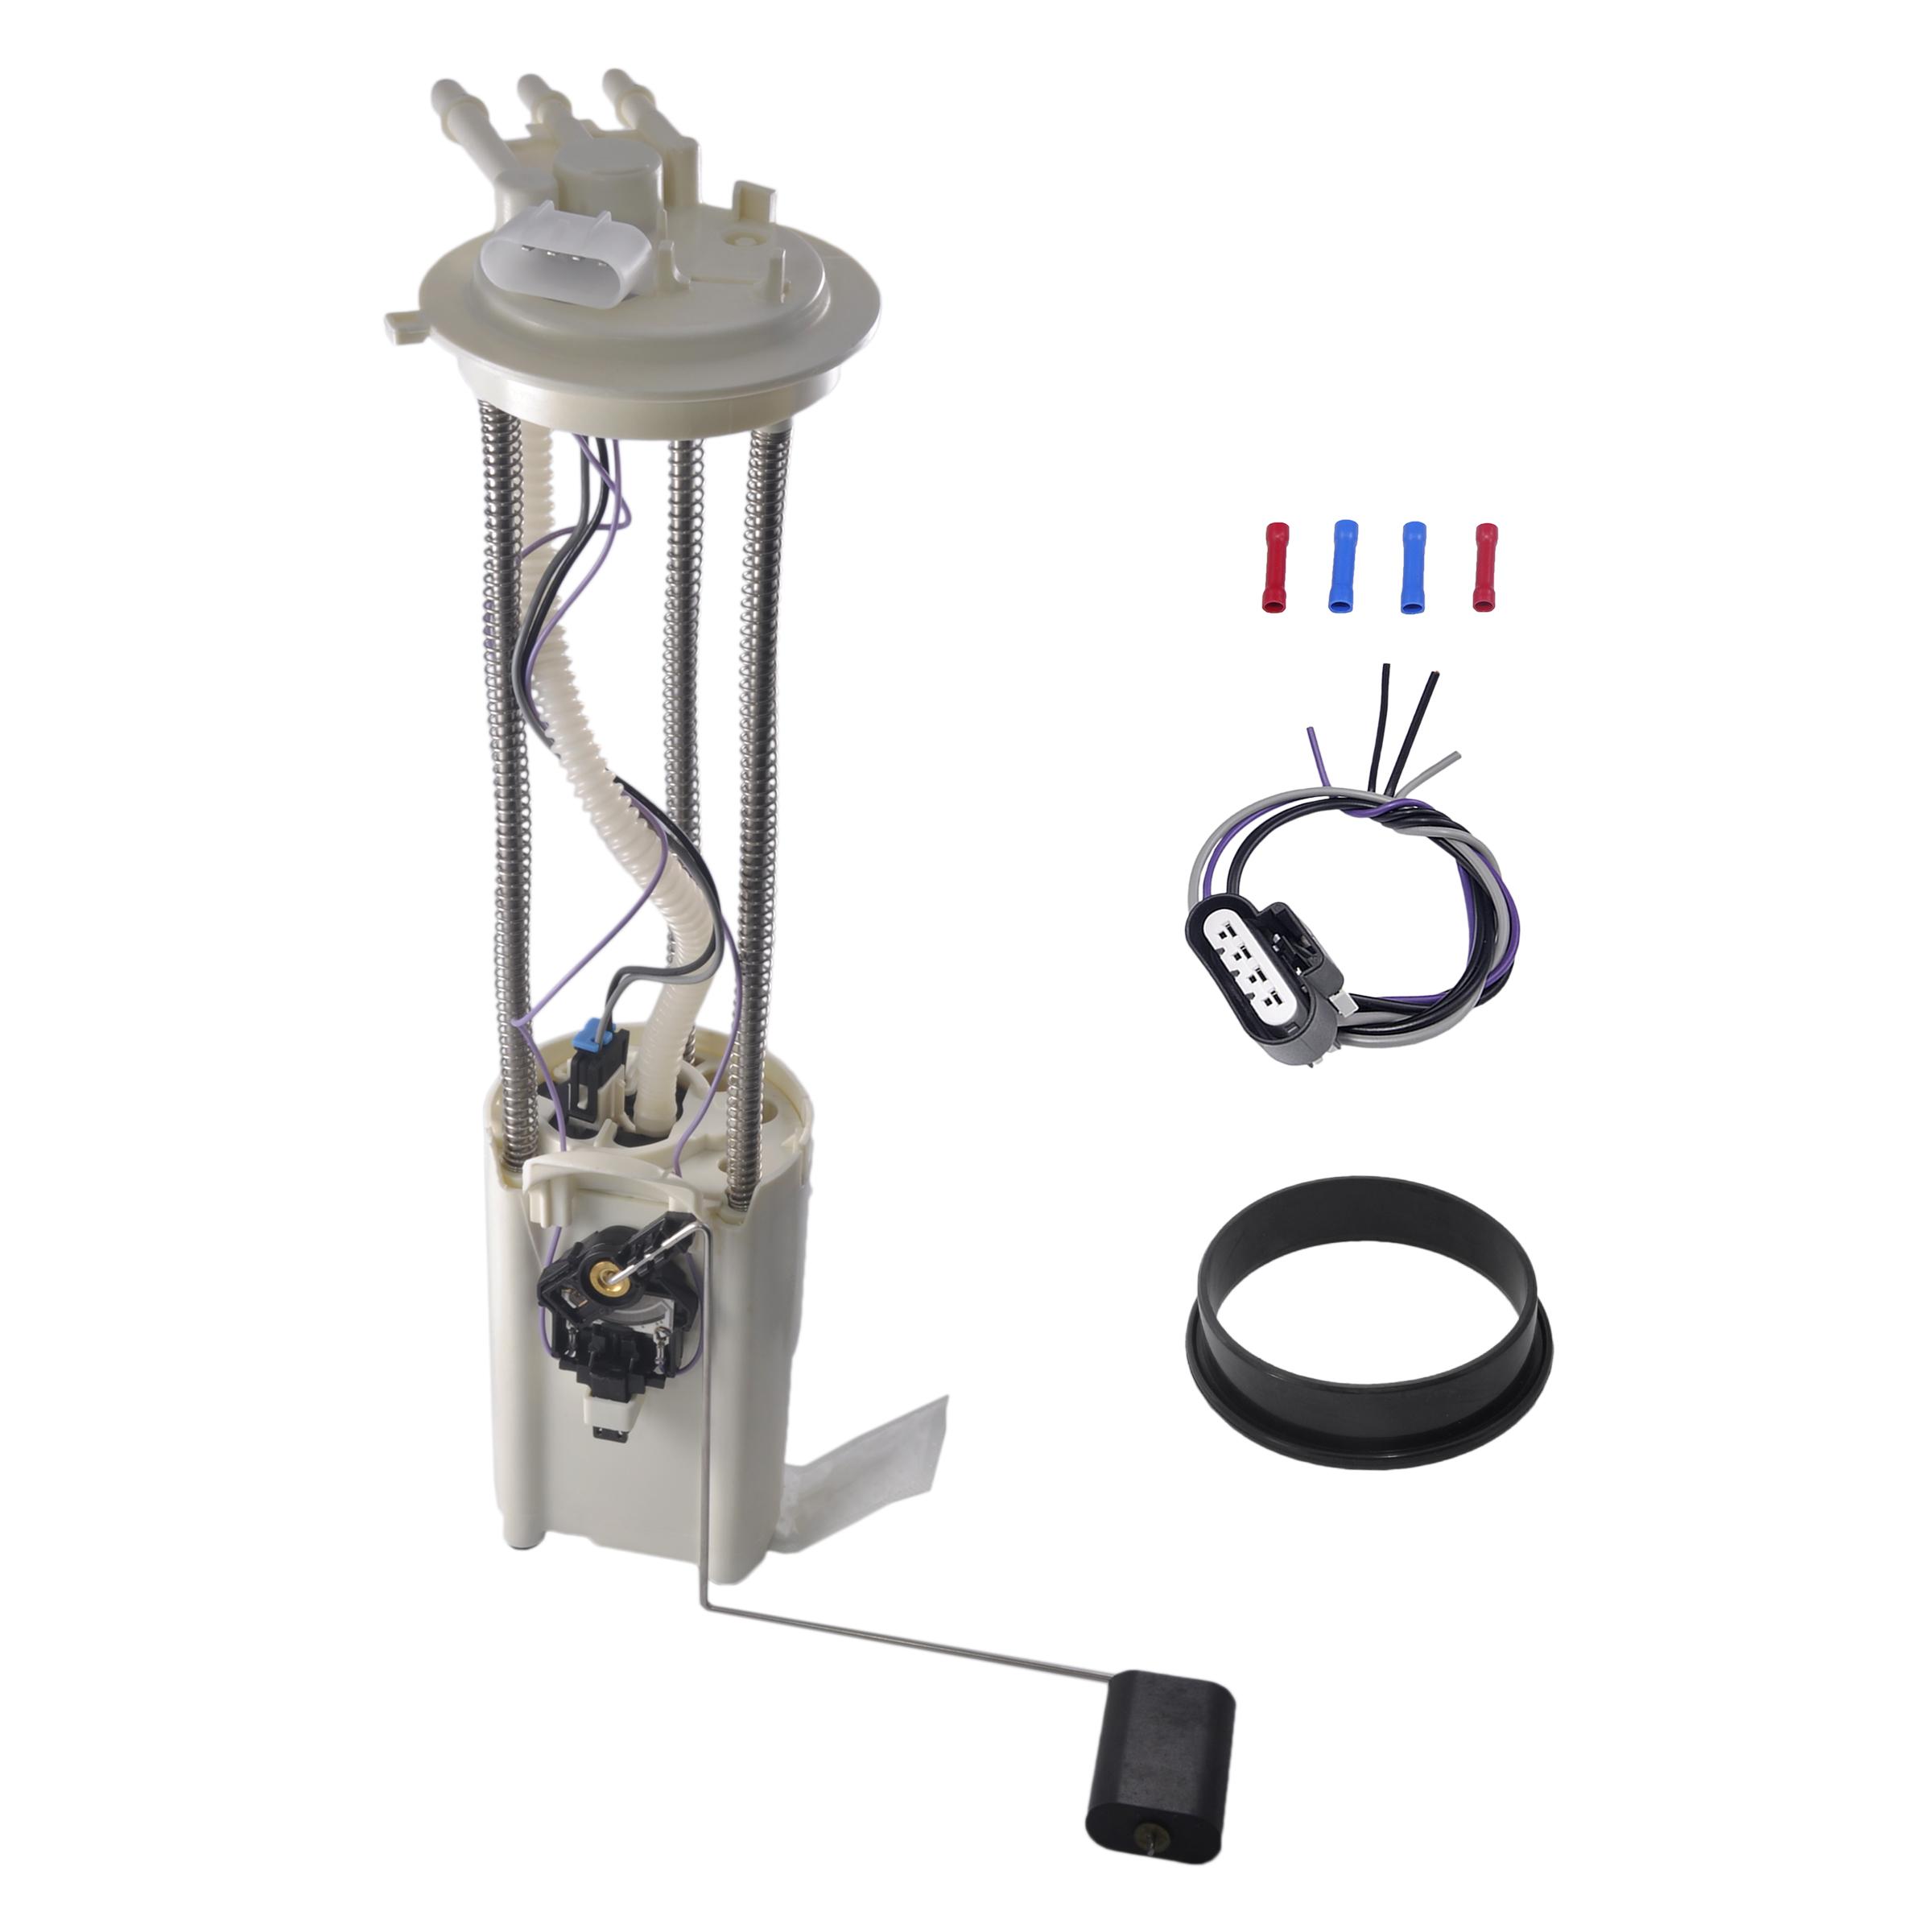 Airtex Fuel Pump Module E3501 For Chevrolet Silverado GMC Sierra 99-04